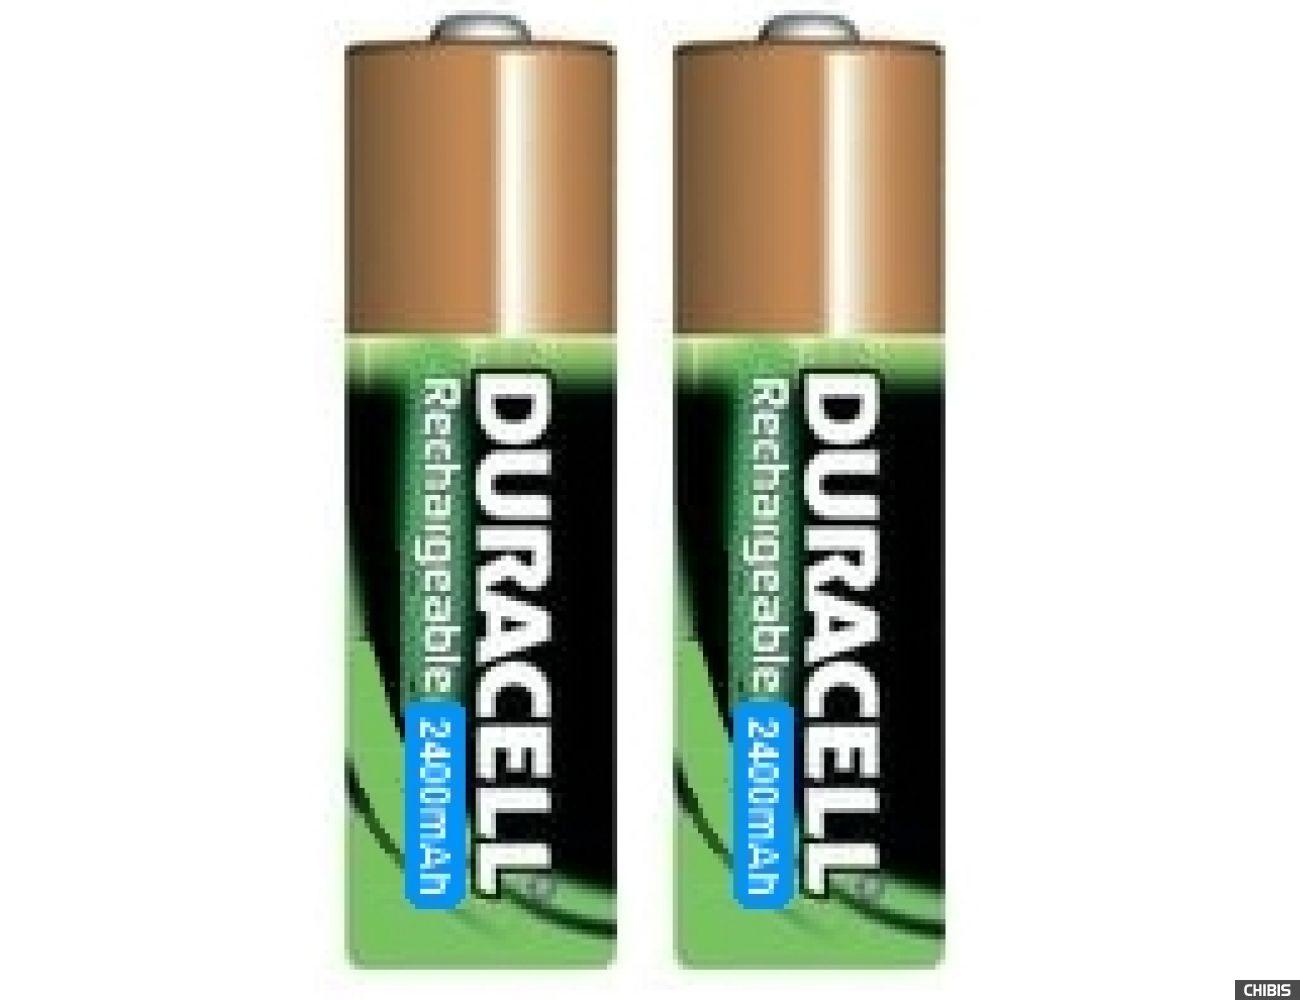 Аккумуляторные батарейки АА Duracell 2400 mAh (HR6, Ni-Mh, 1.2V) 2/2 шт. 5000394203631